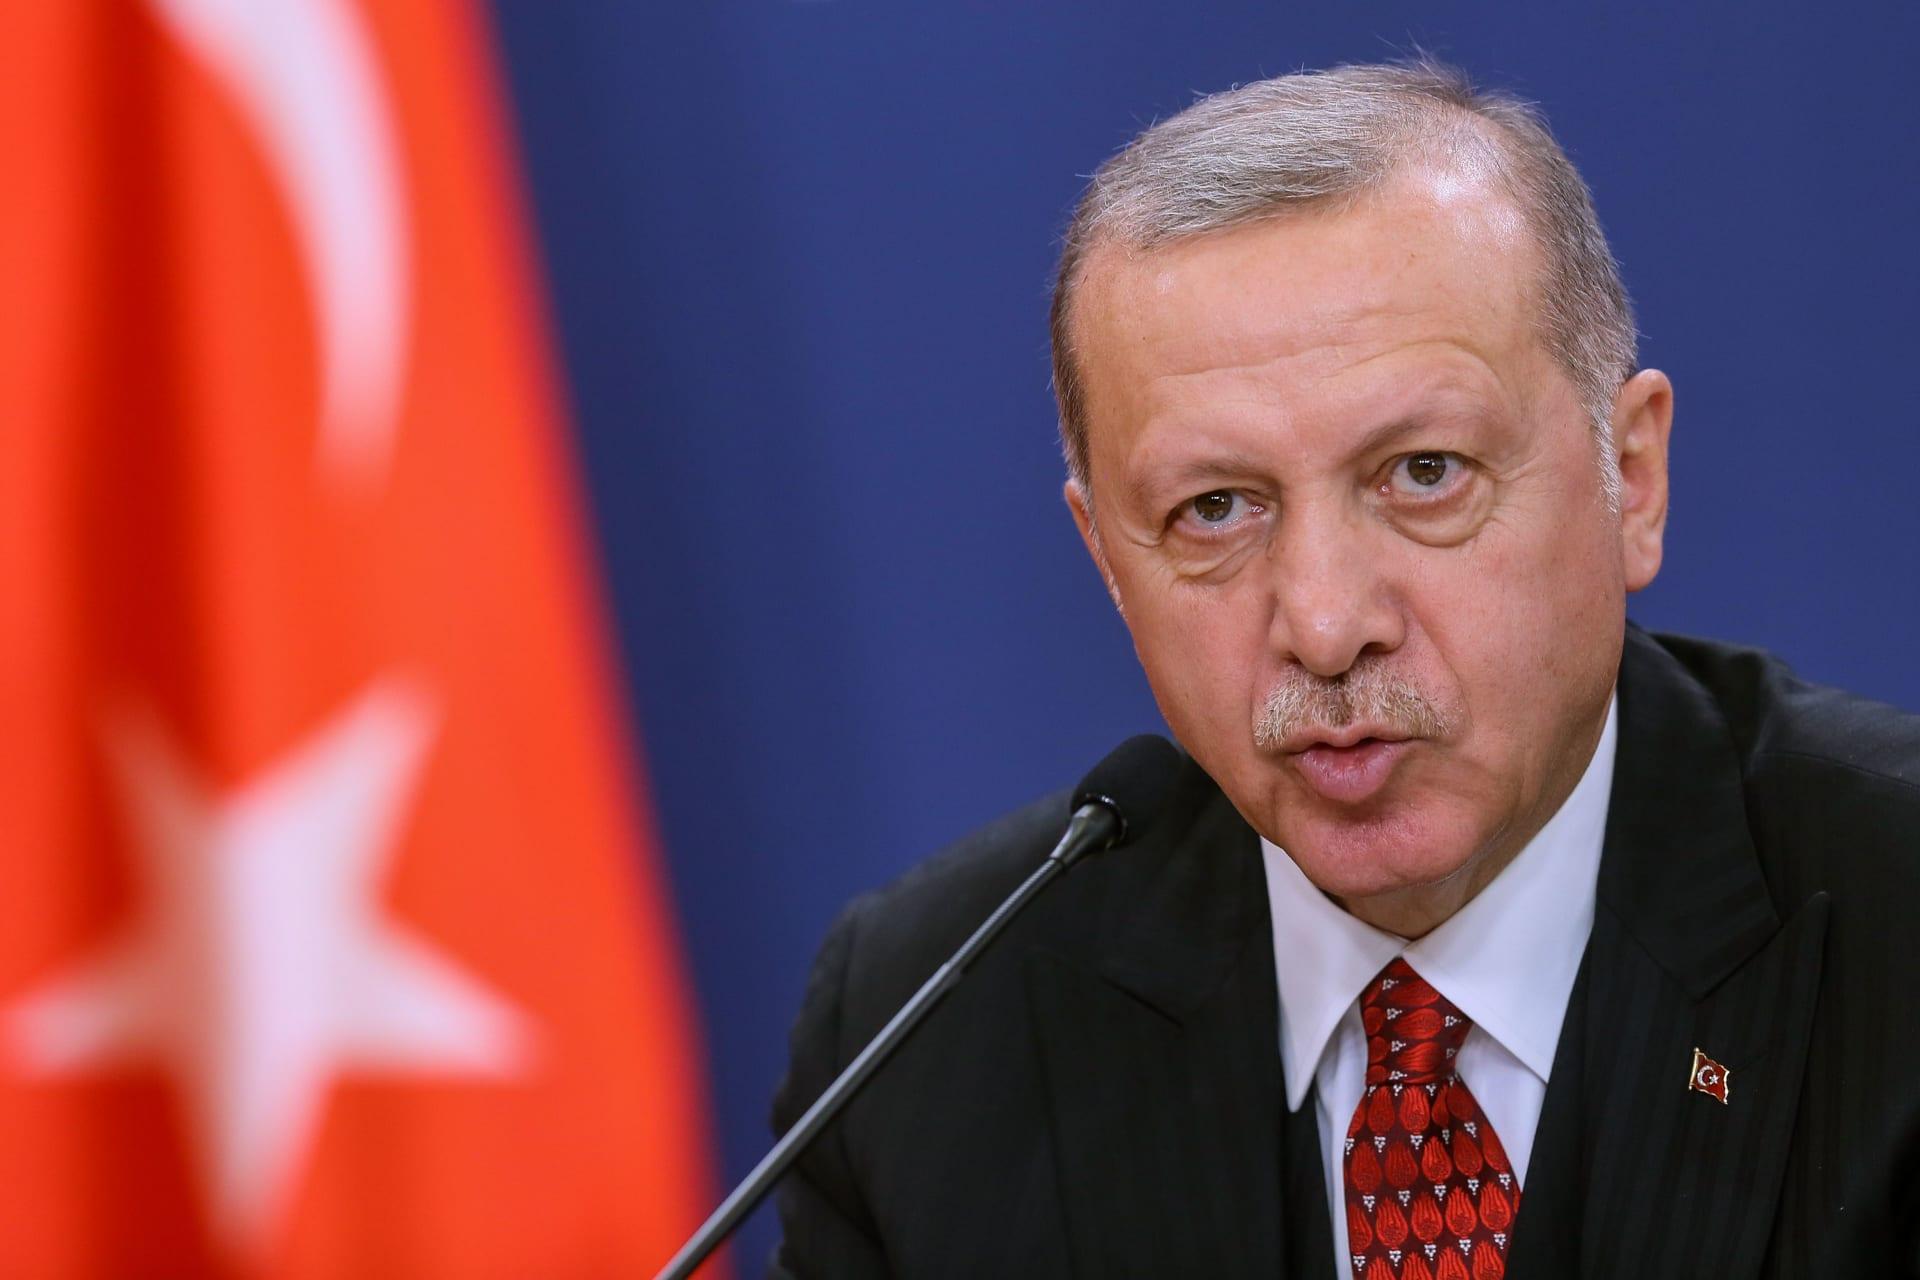 أردوغان: لن نطأطىء الرأس للعربدة في جرفنا القاري بشرق المتوسط